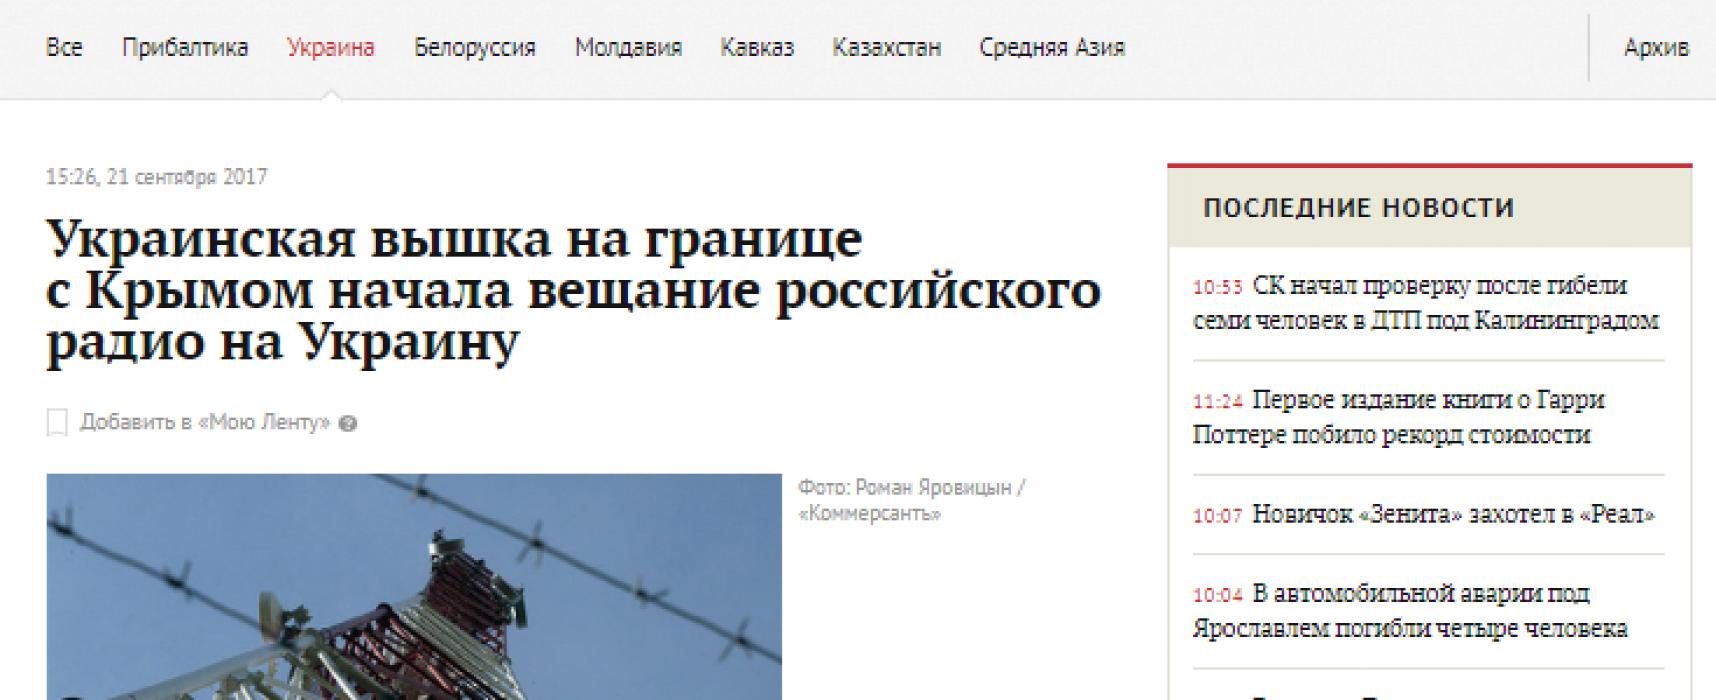 Фейк: Украинская вышка на границе с Крымом начала вещание российского радио в Украину